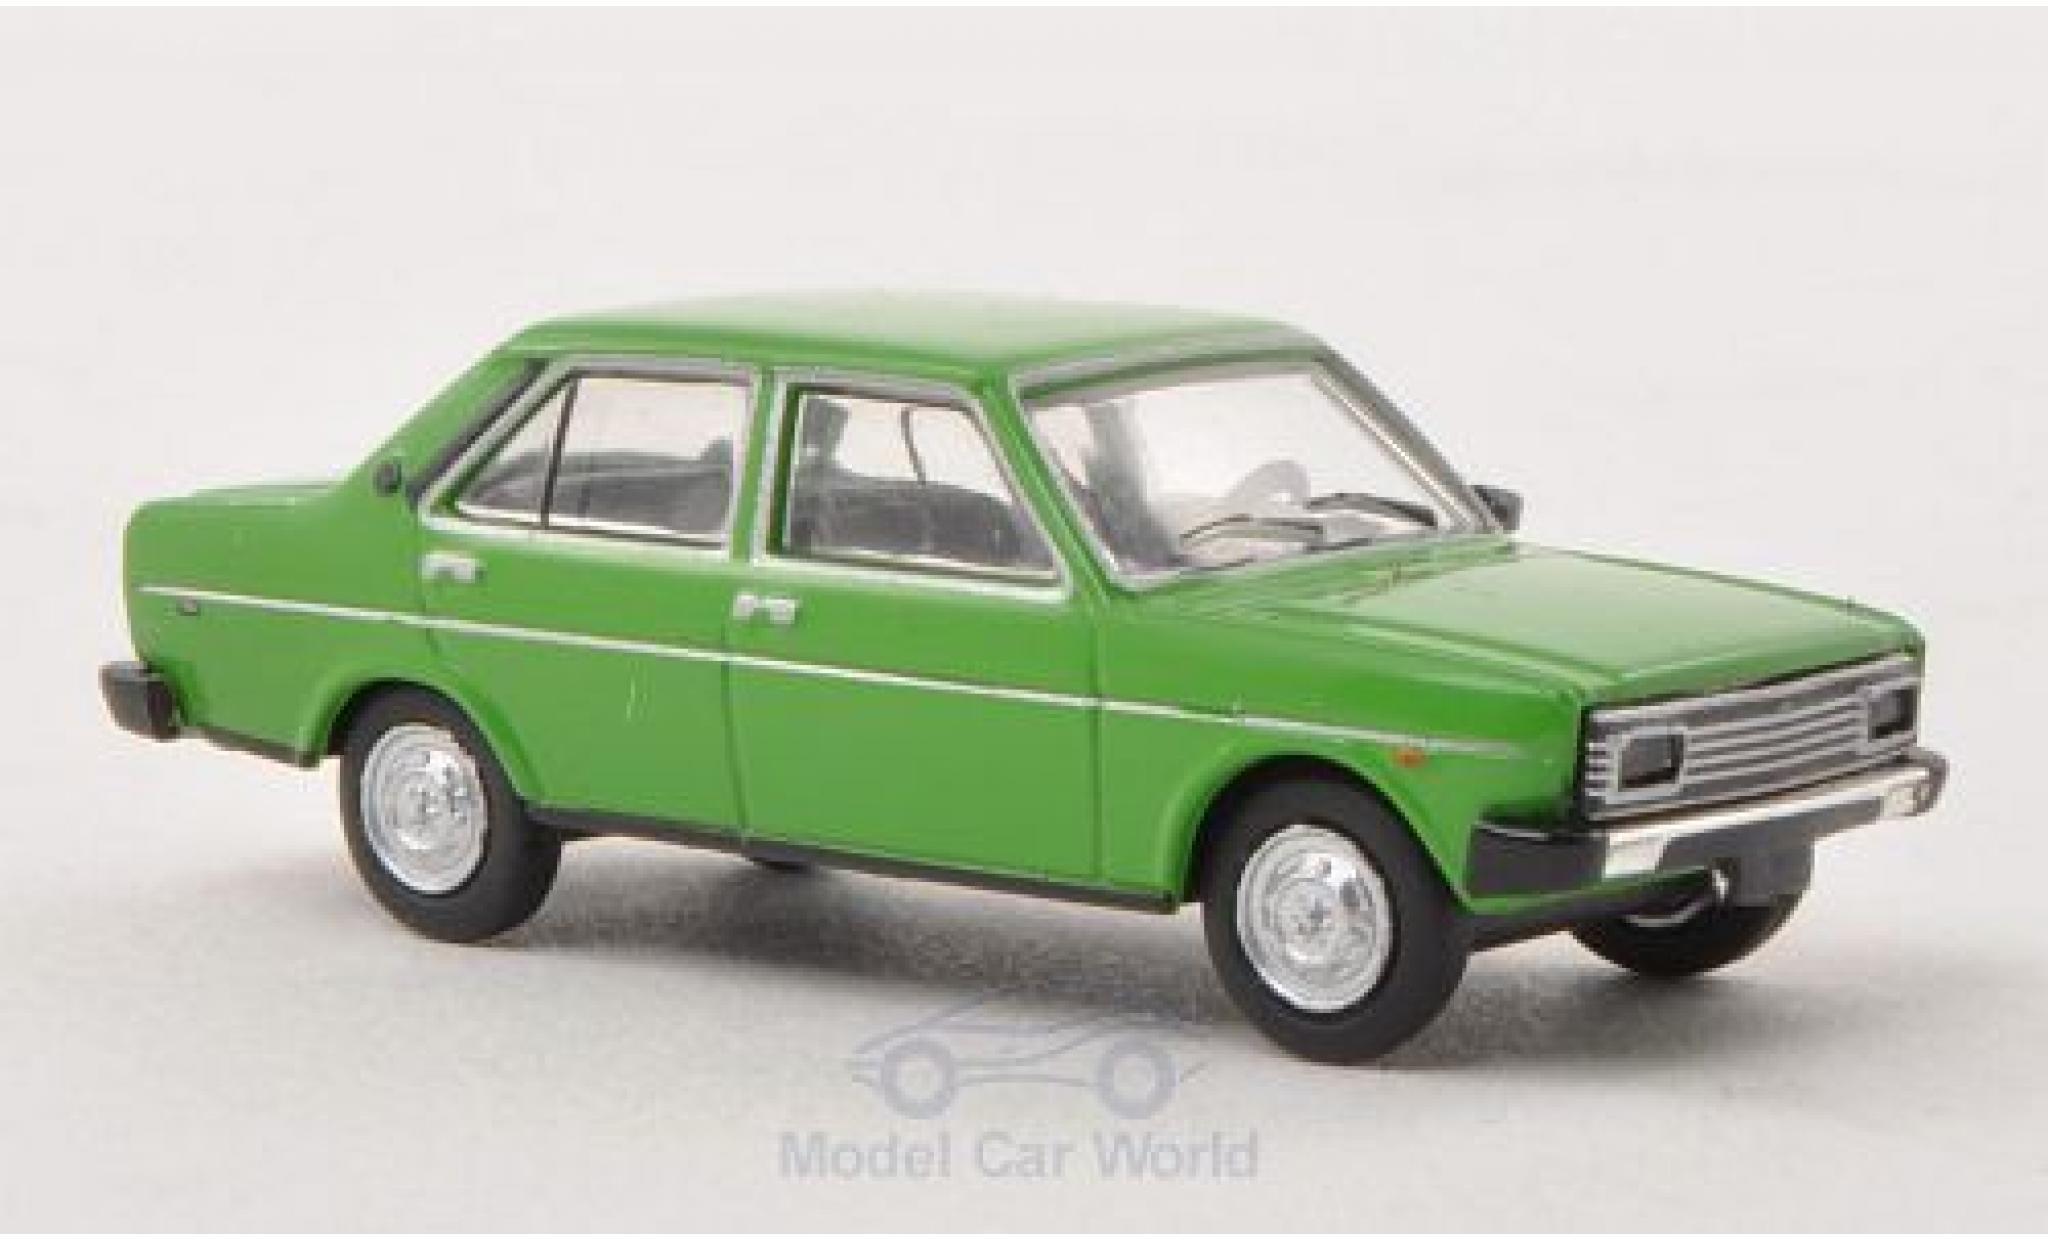 Fiat 131 1/87 Brekina Drummer Mirafiori green green Ausführung mit Rechteckscheinwerfern